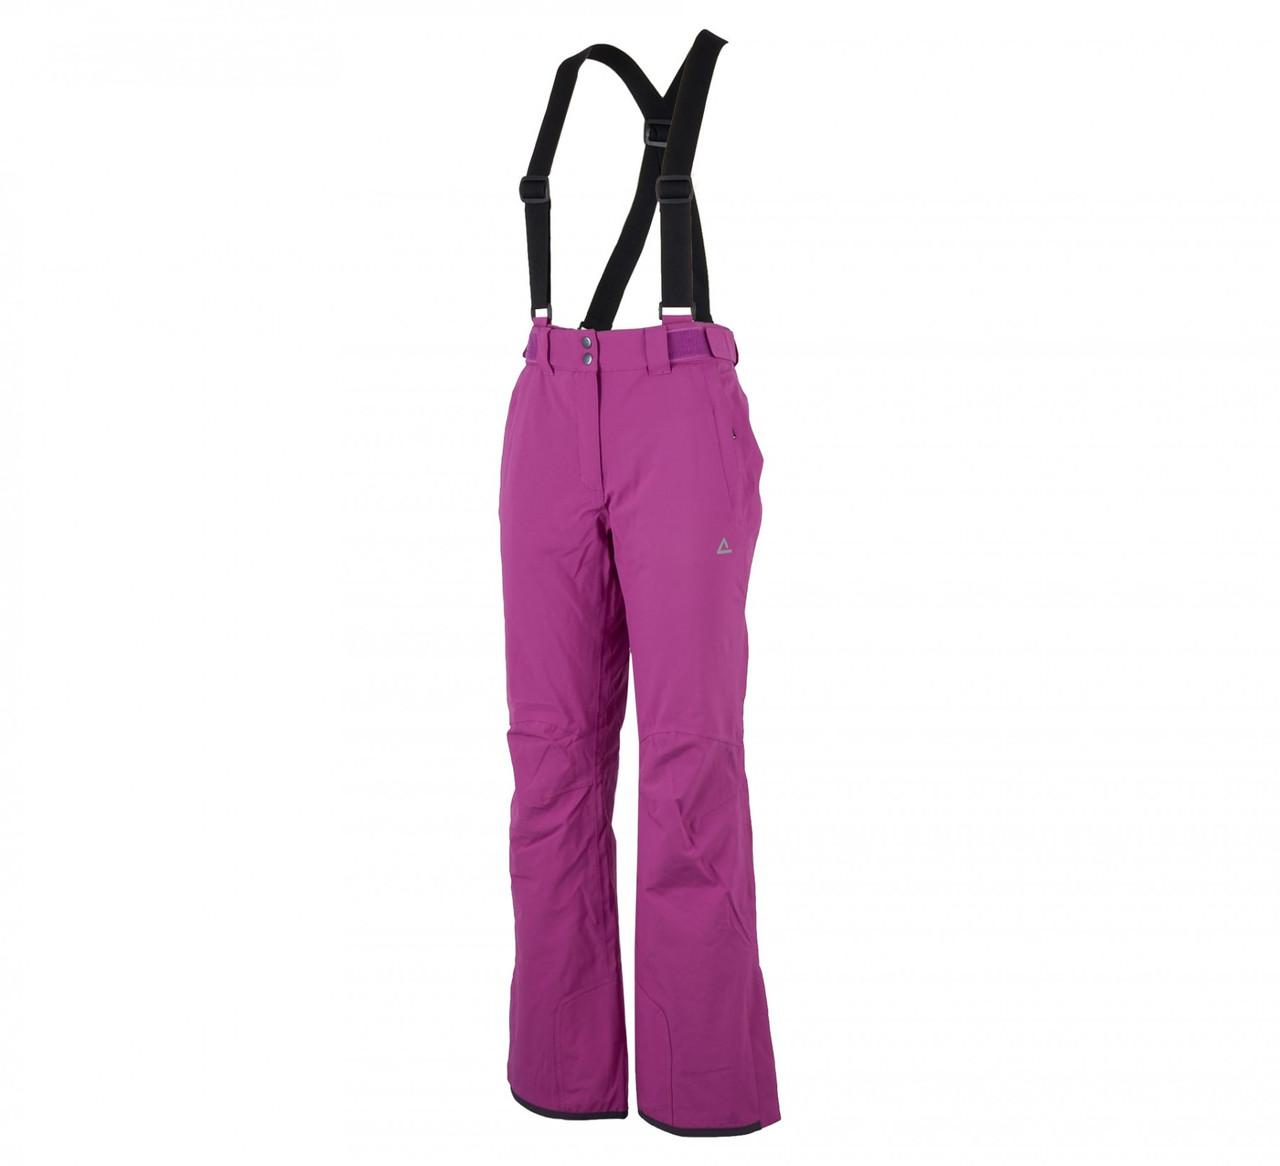 Лыжные штаны женские DARE 2b размер 50-52  утепленные больших размеров